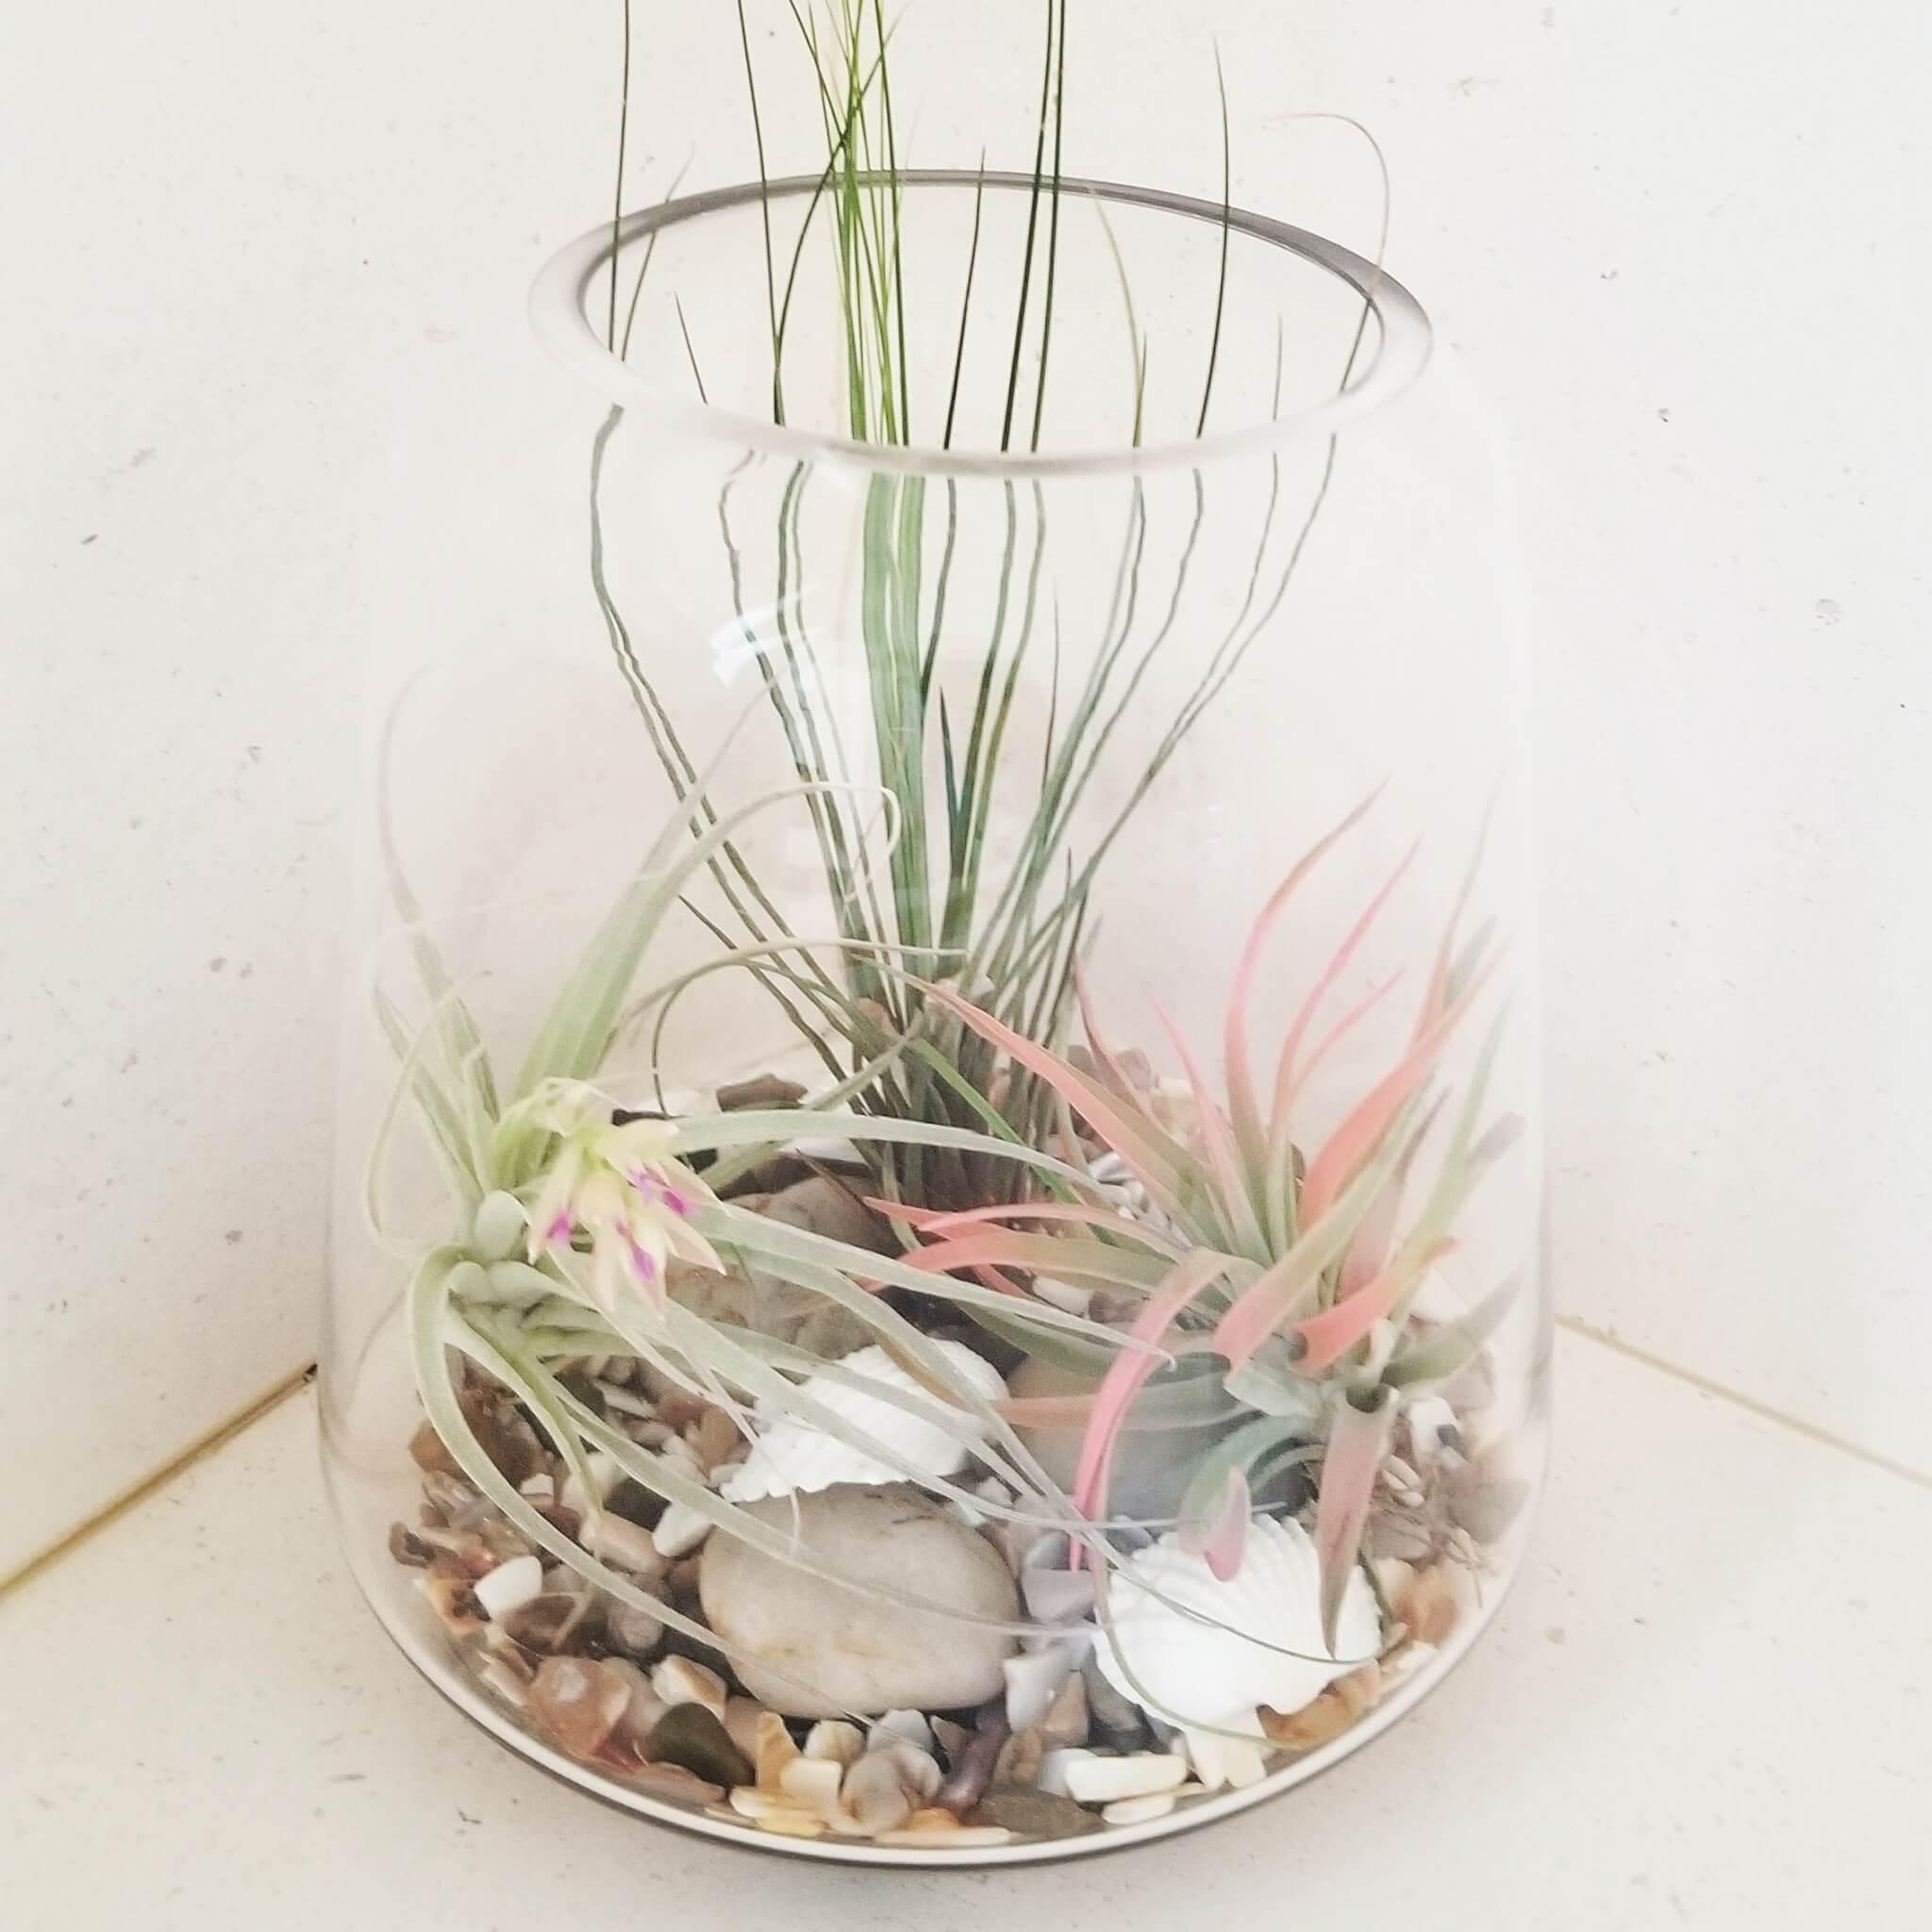 Air plants in a jar